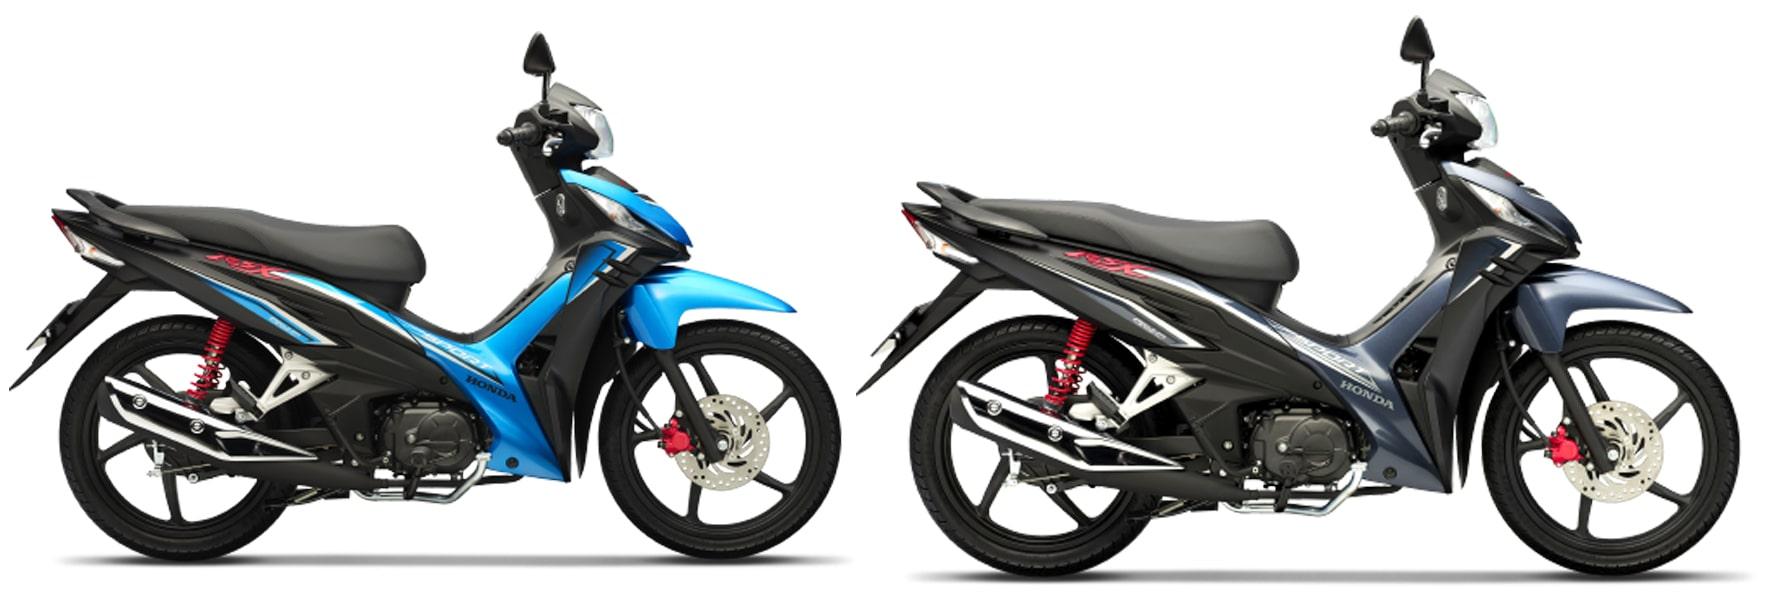 ฮอนด้า Wave RSX Fi 110 2021 สีฟ้าและสีดำ ล้อแม็ก